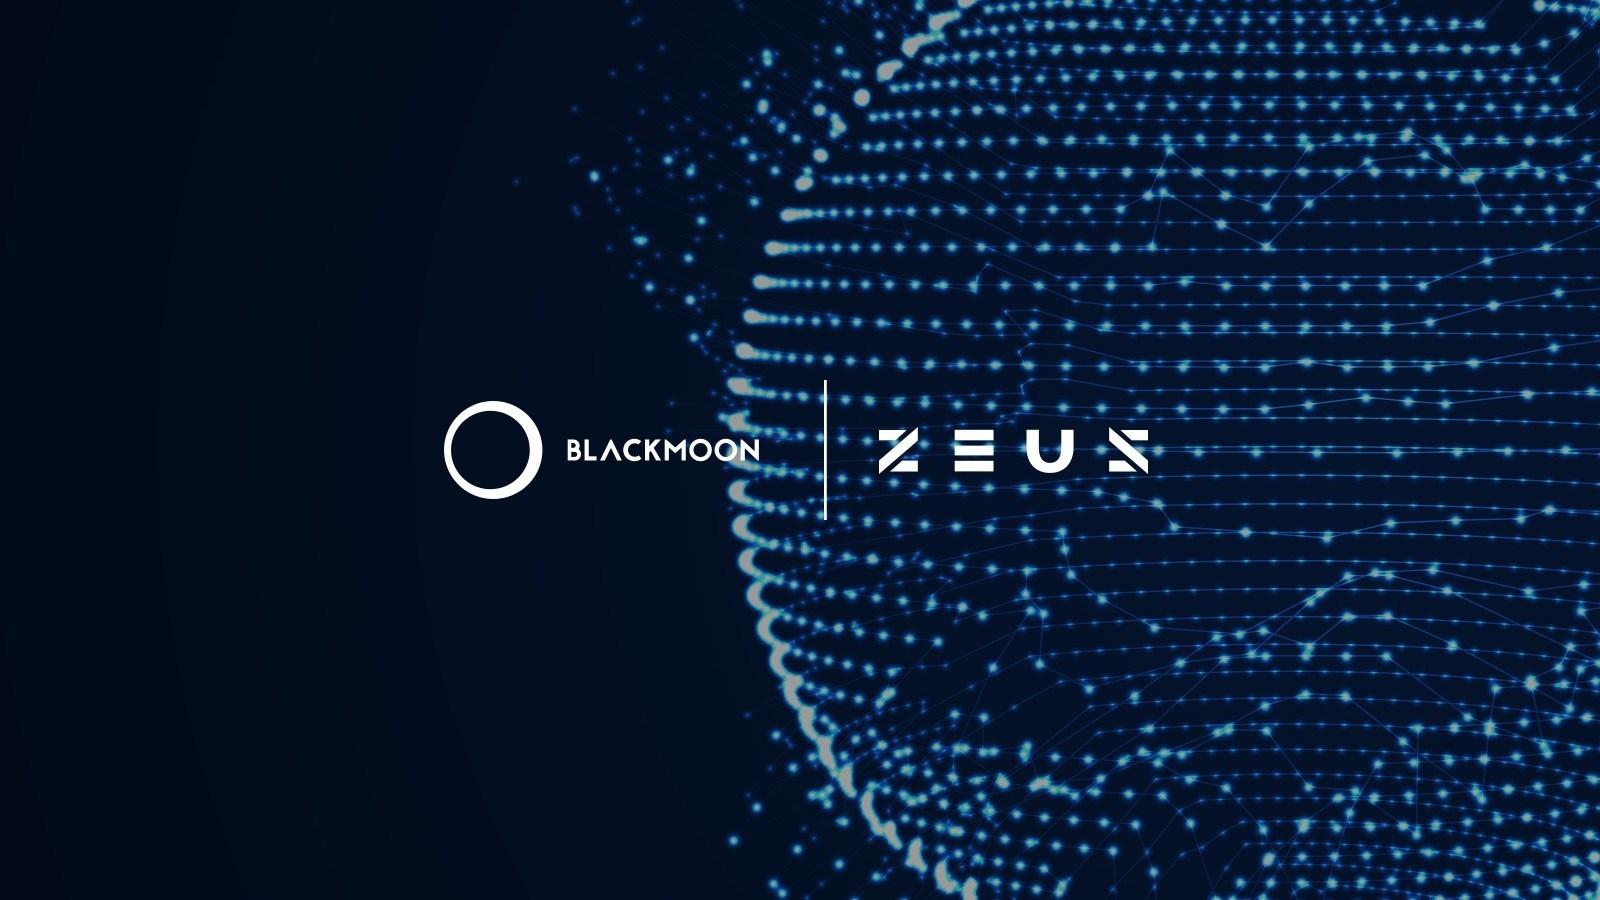 Blackmoon and Zeus Exchange Strategic Partnership Announced